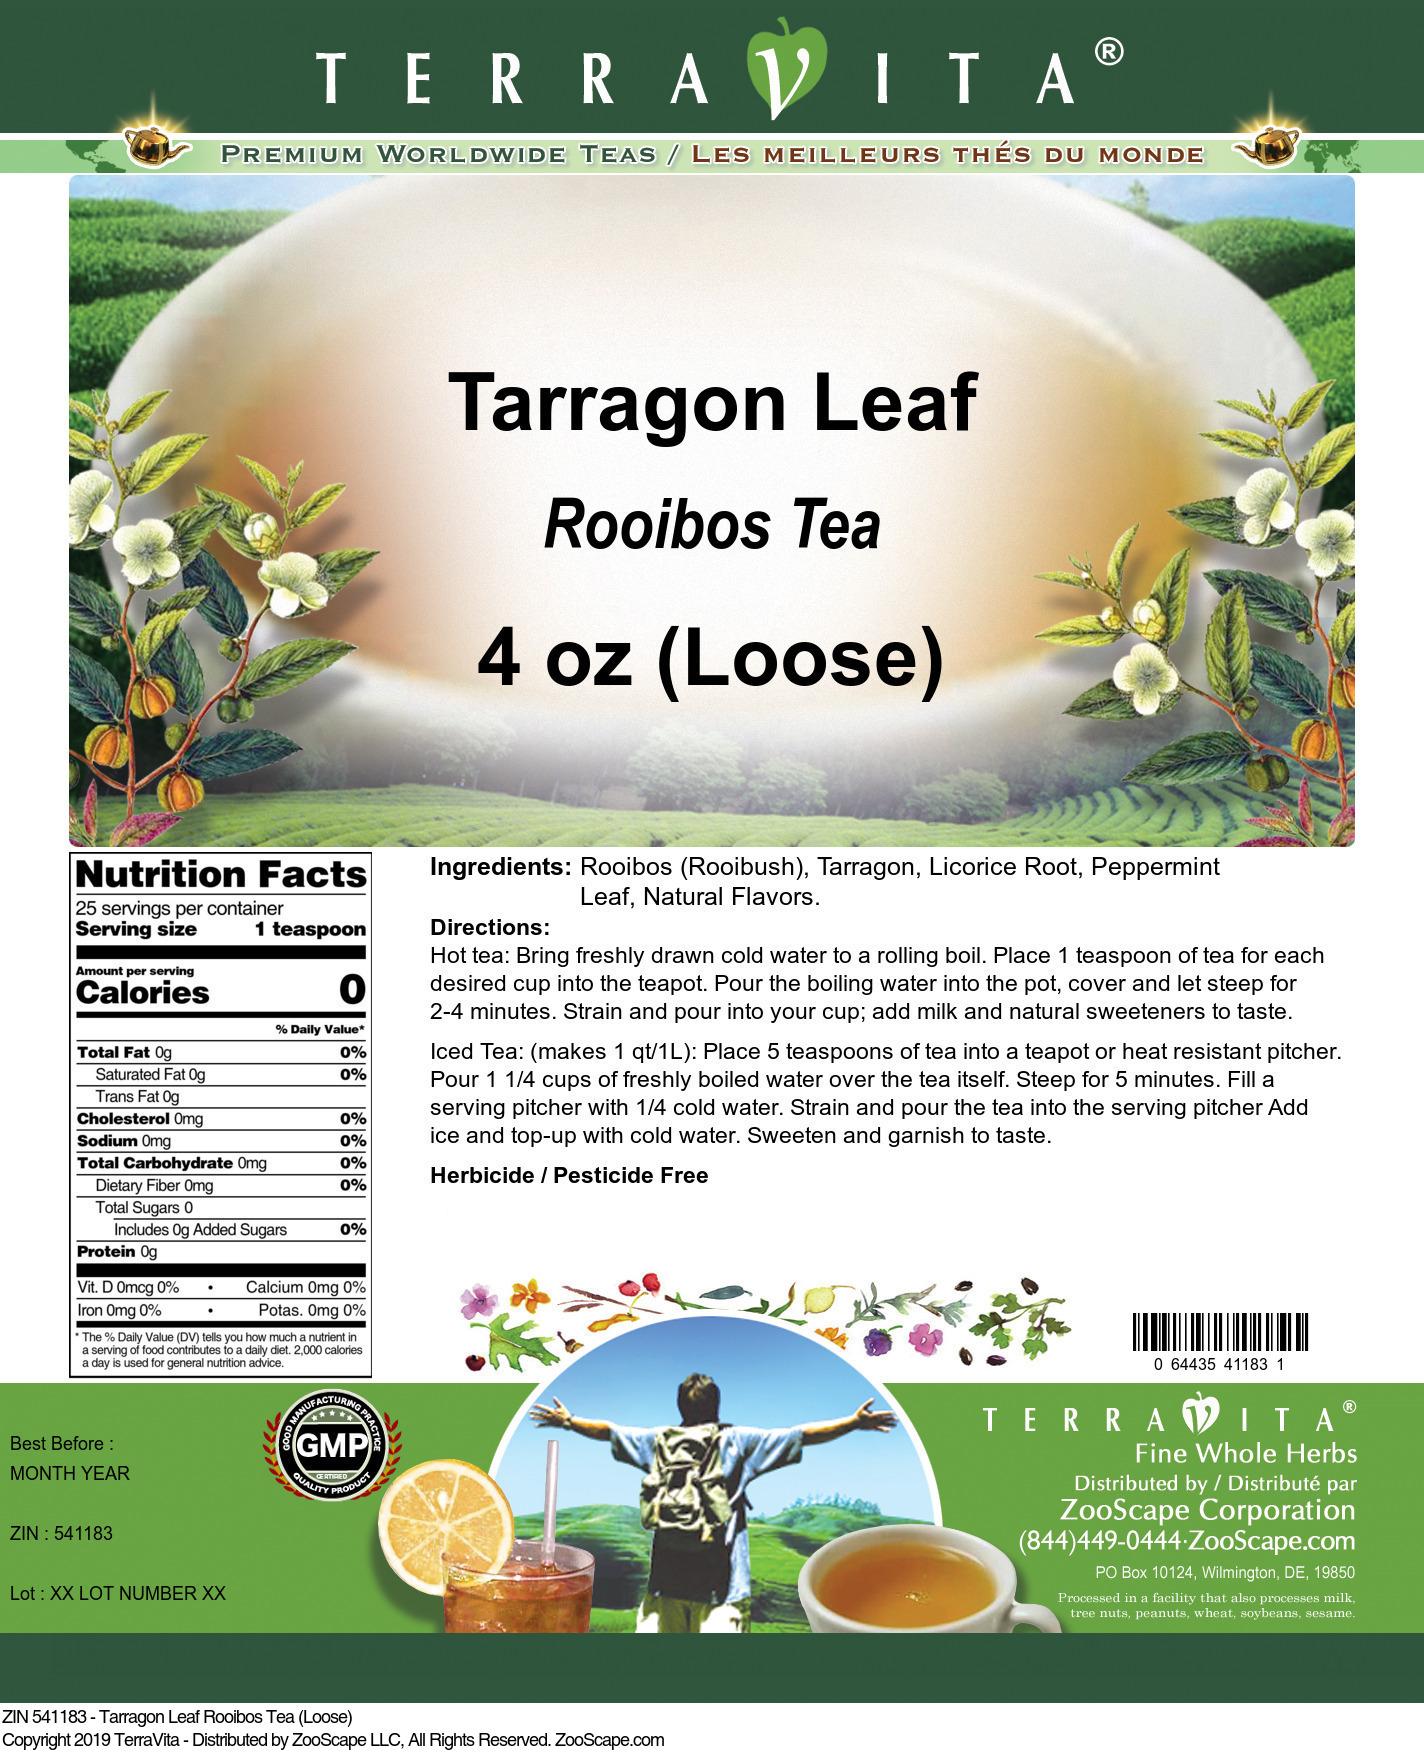 Tarragon Leaf Rooibos Tea